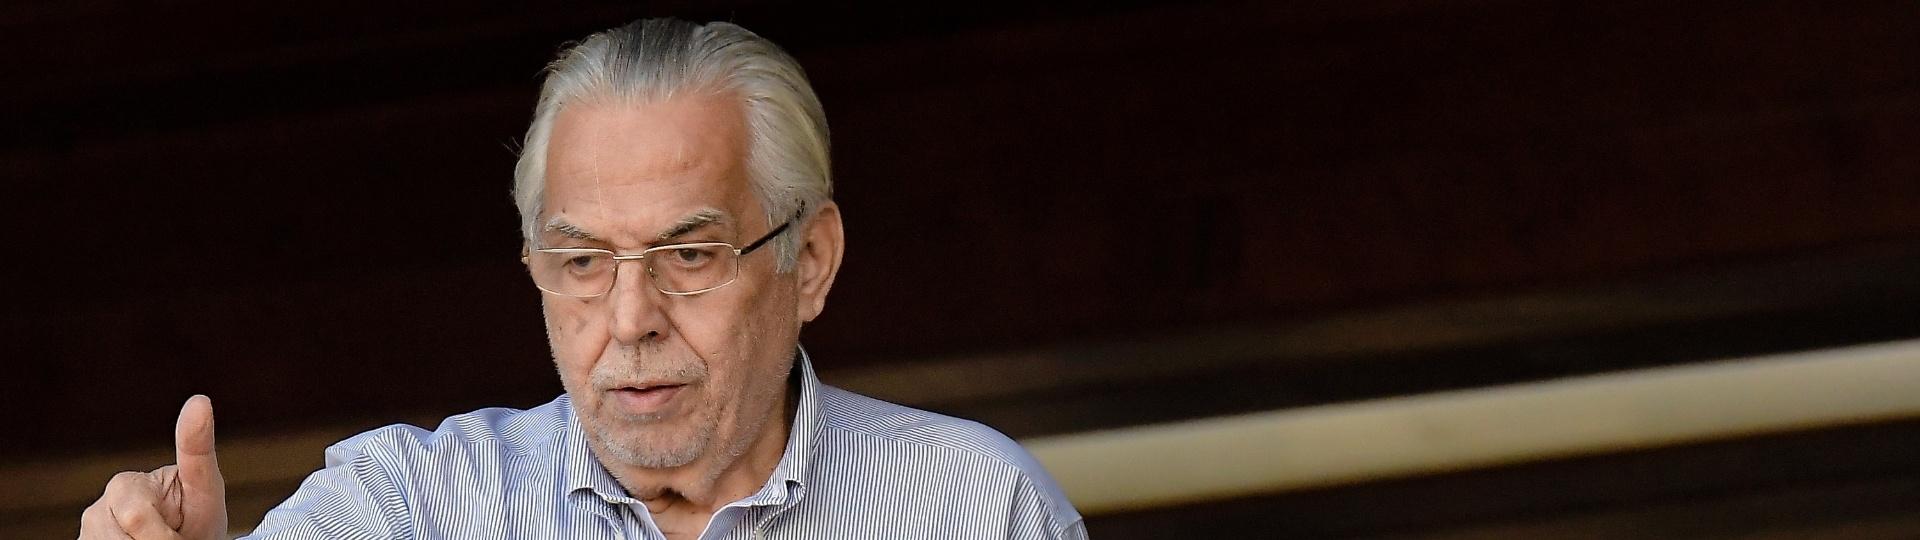 Após eleição polêmica, Eurico Miranda acompanha jogo entre Vasco e São Paulo